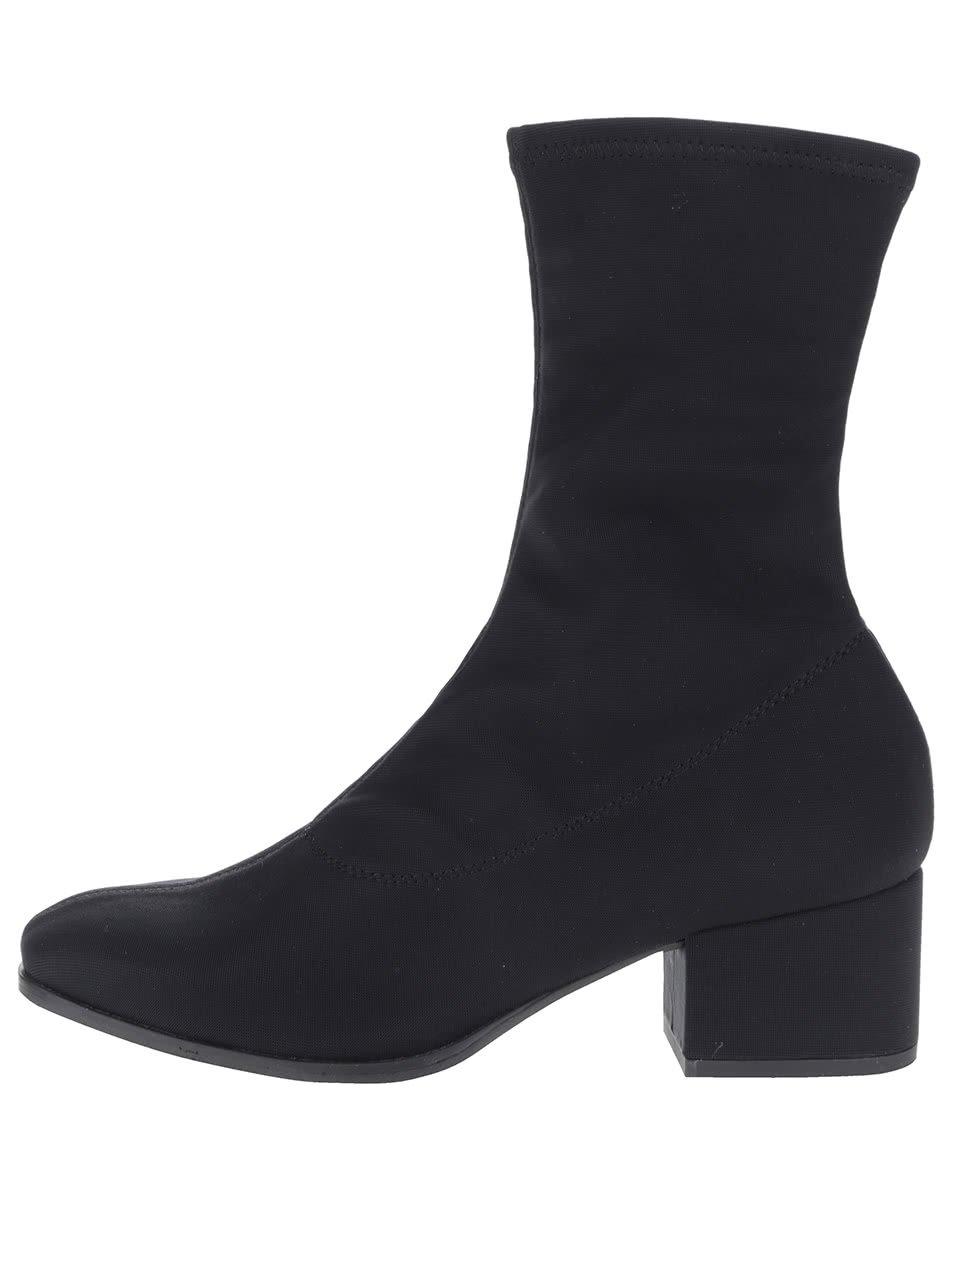 Černé dámské elastické kotníkové boty Vagabond Daisy